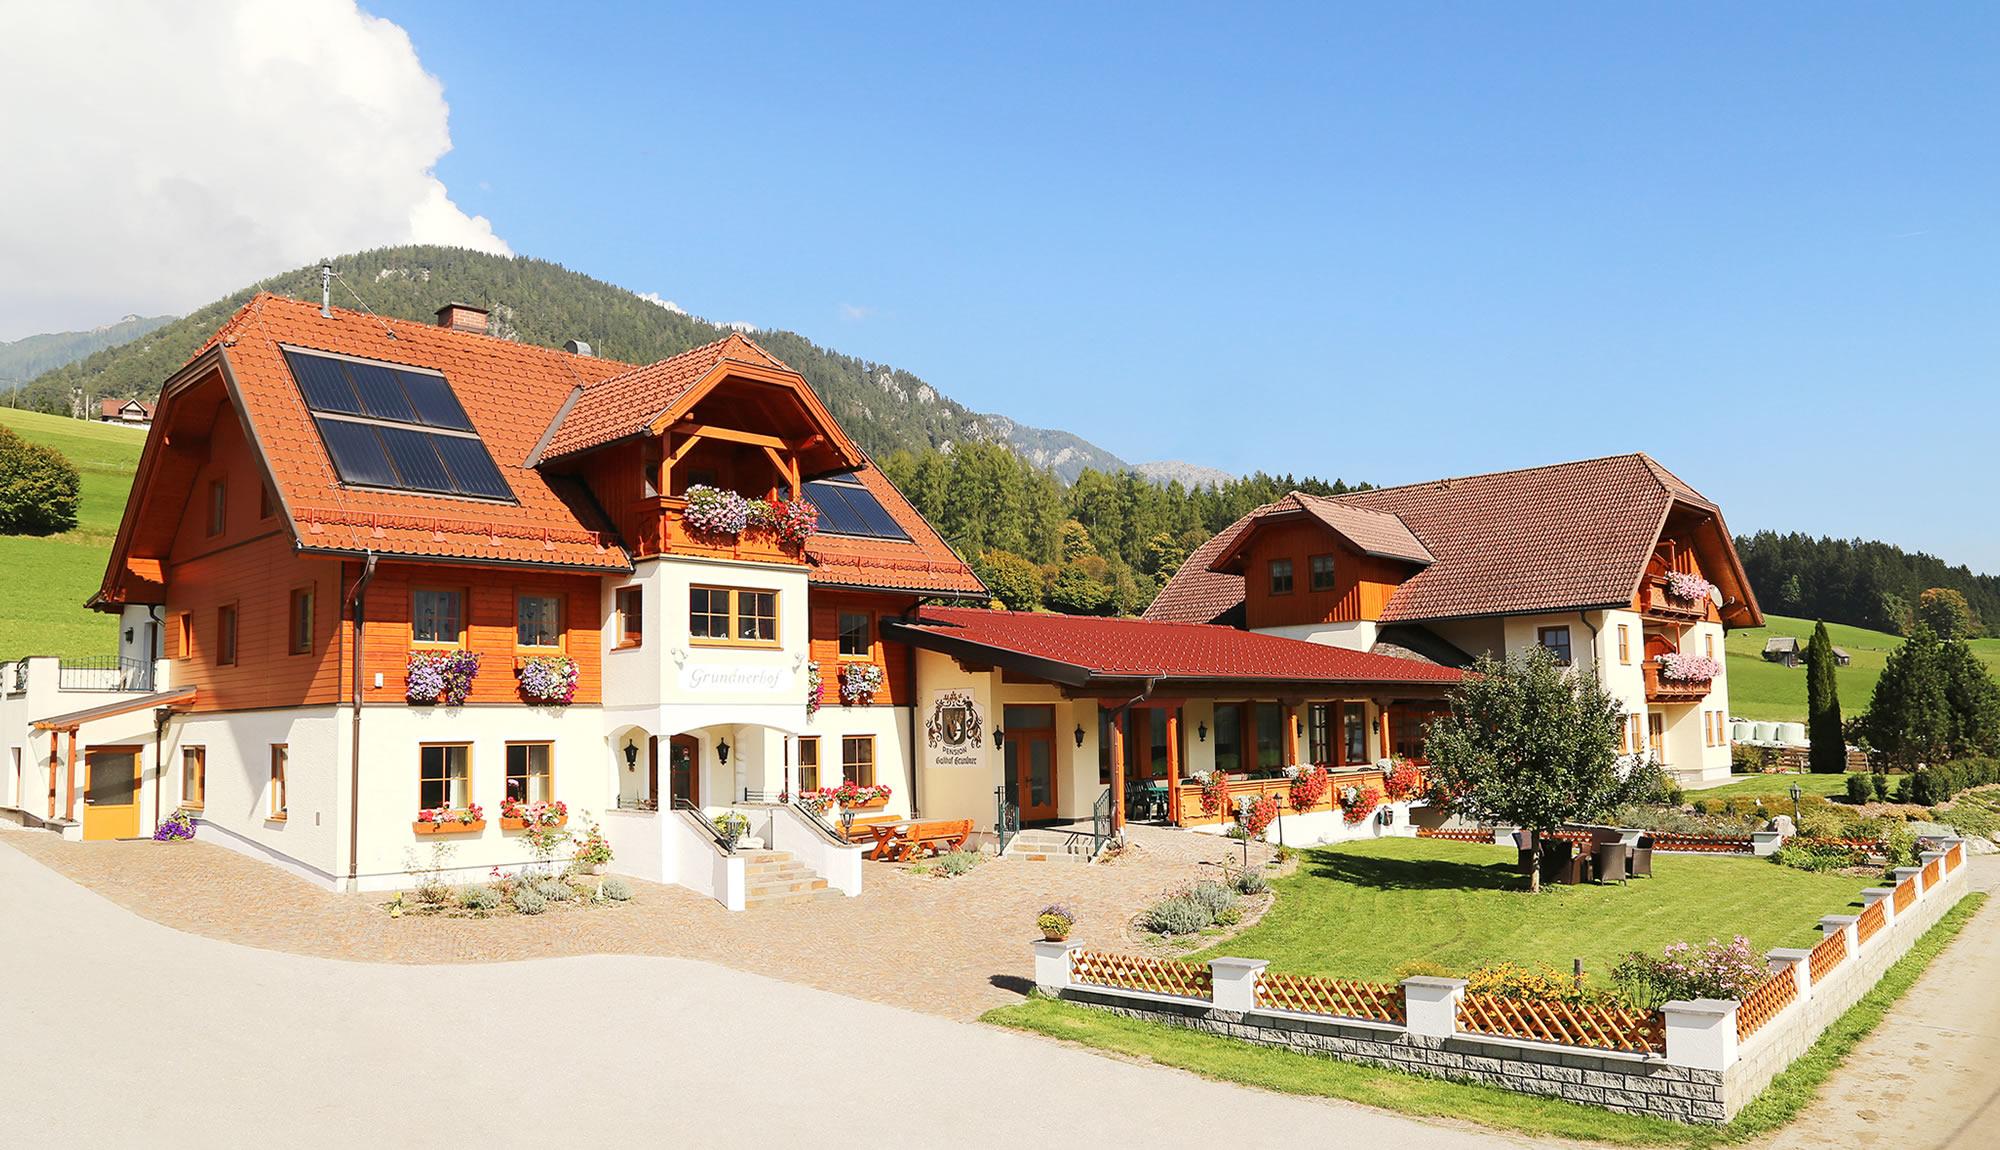 Urlaub am Bauernhof | Pension Grundnerhof